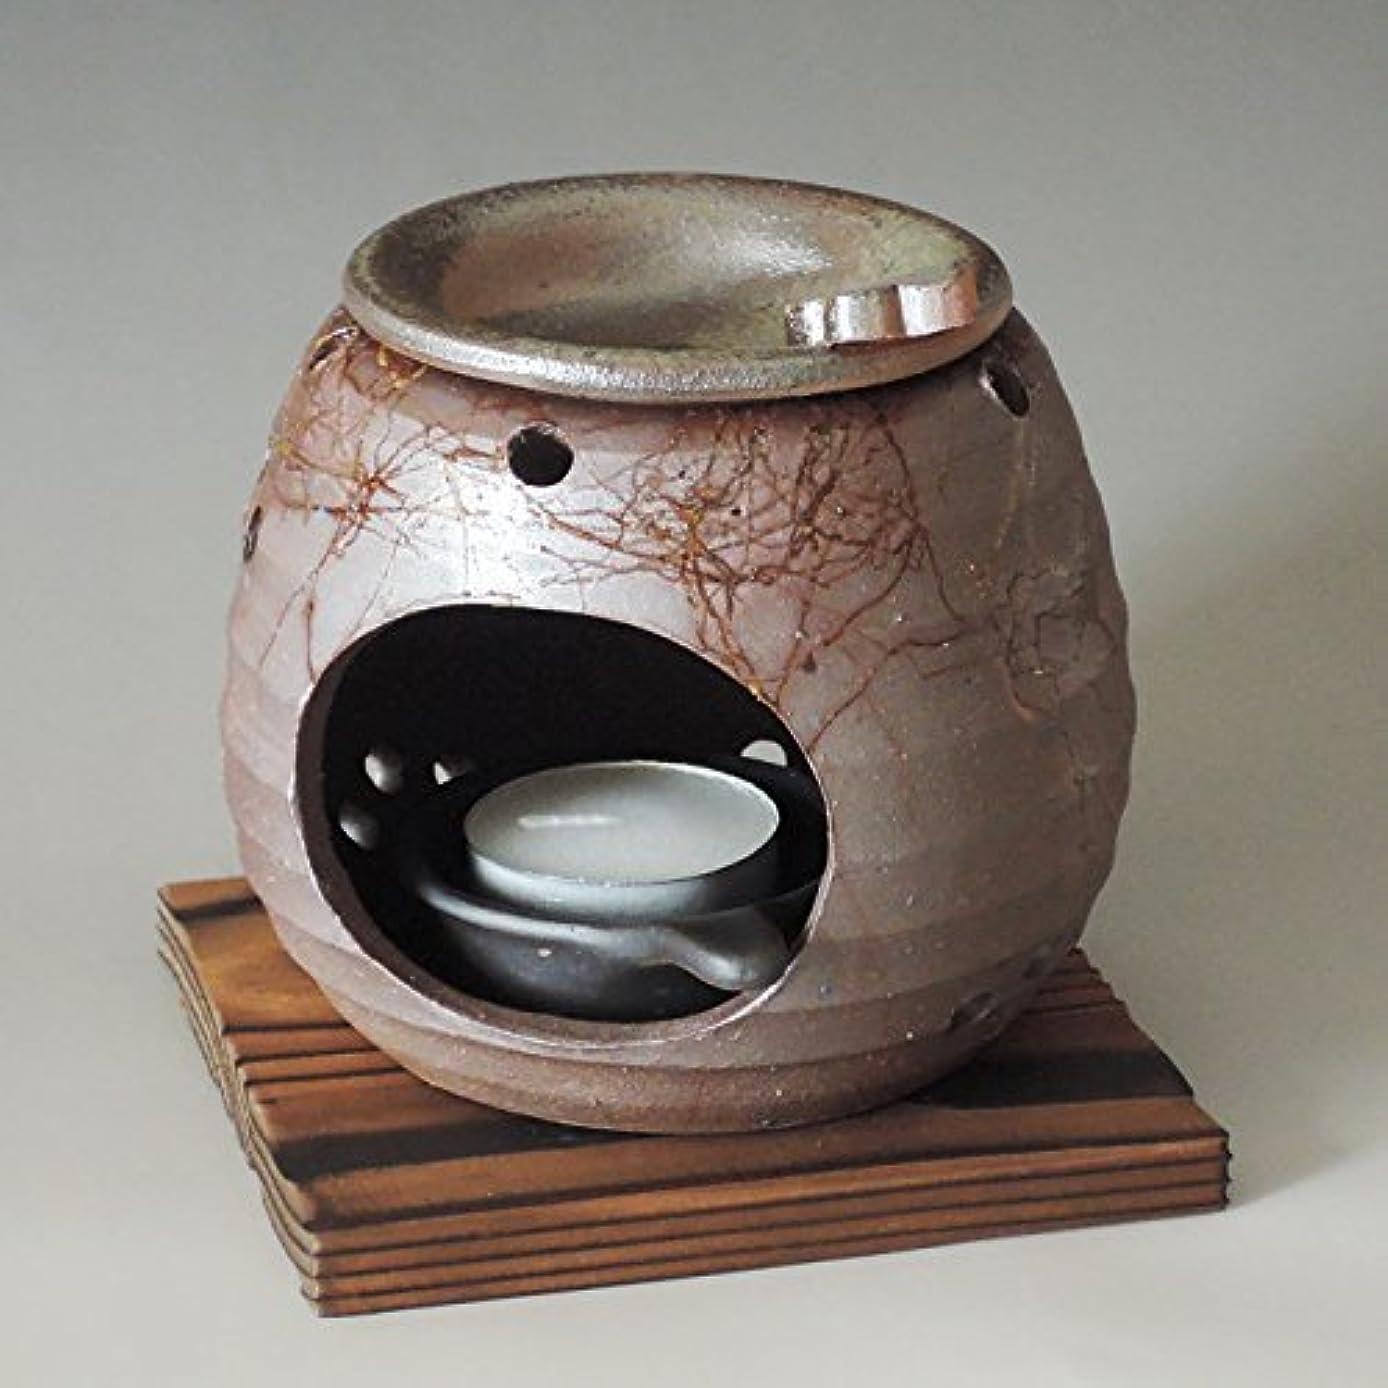 埋めるフレッシュ改修茶香炉 常滑焼 石龍作「藻掛け」川本屋茶舗